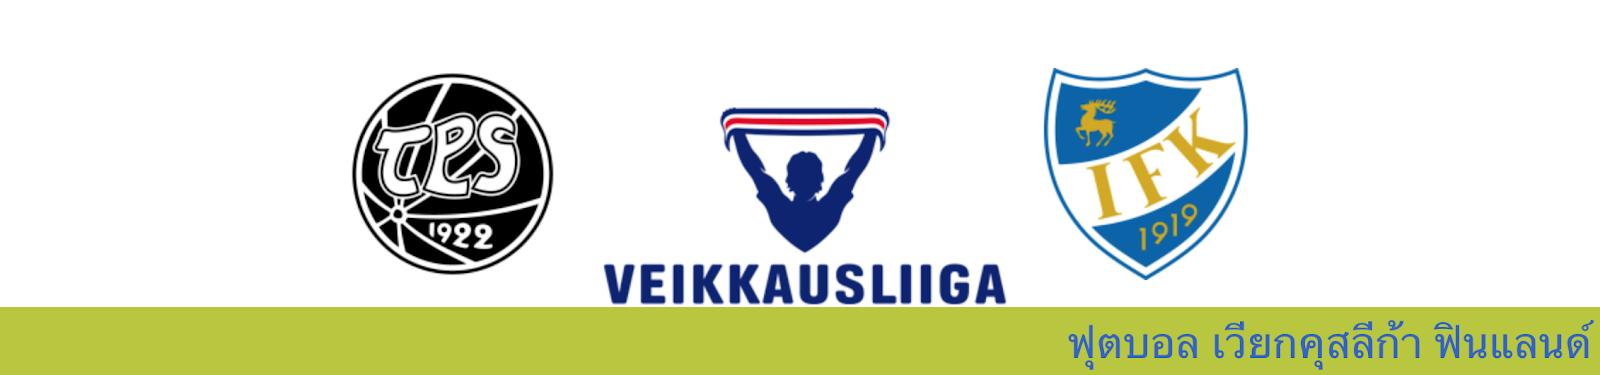 ดูบอลสด วิเคราะห์บอล ฟินแลนด์ ระหว่าง ทีพีเอส vs มารีฮามน์